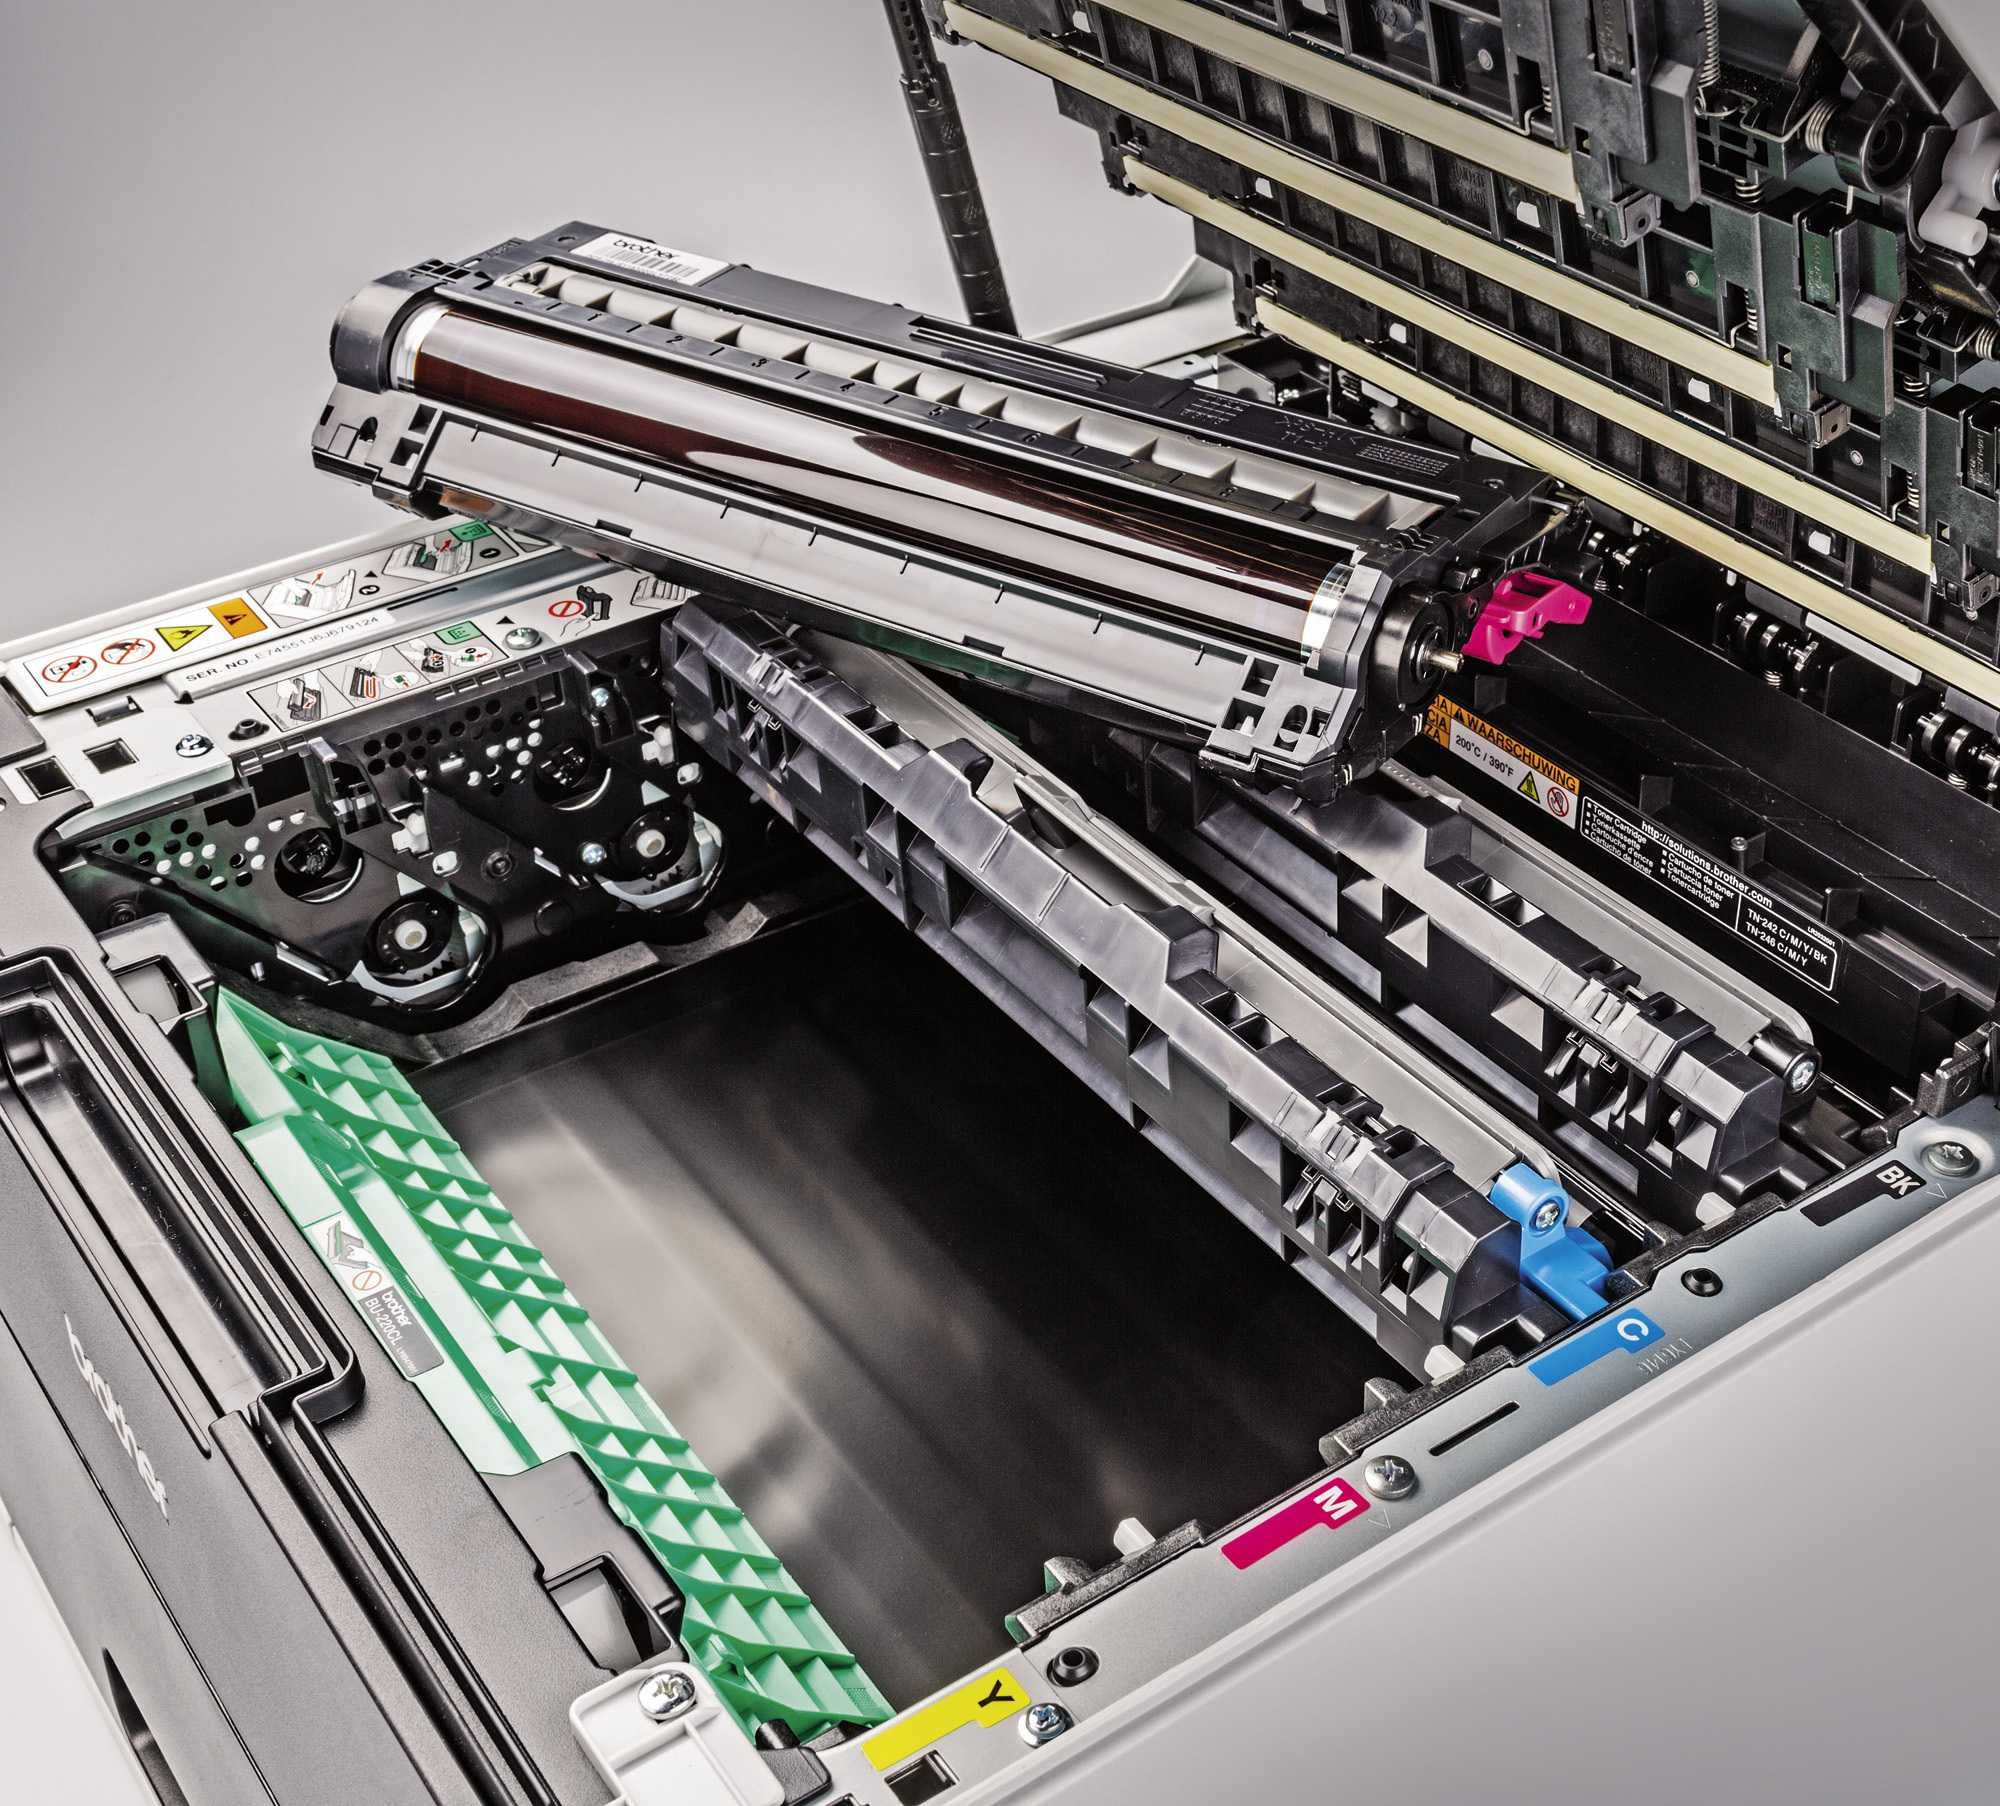 Farb-Laserkartuschen enthalten oft auch die Fototrommel, die so bei jedem Kartuschenwechsel erneuert wird.